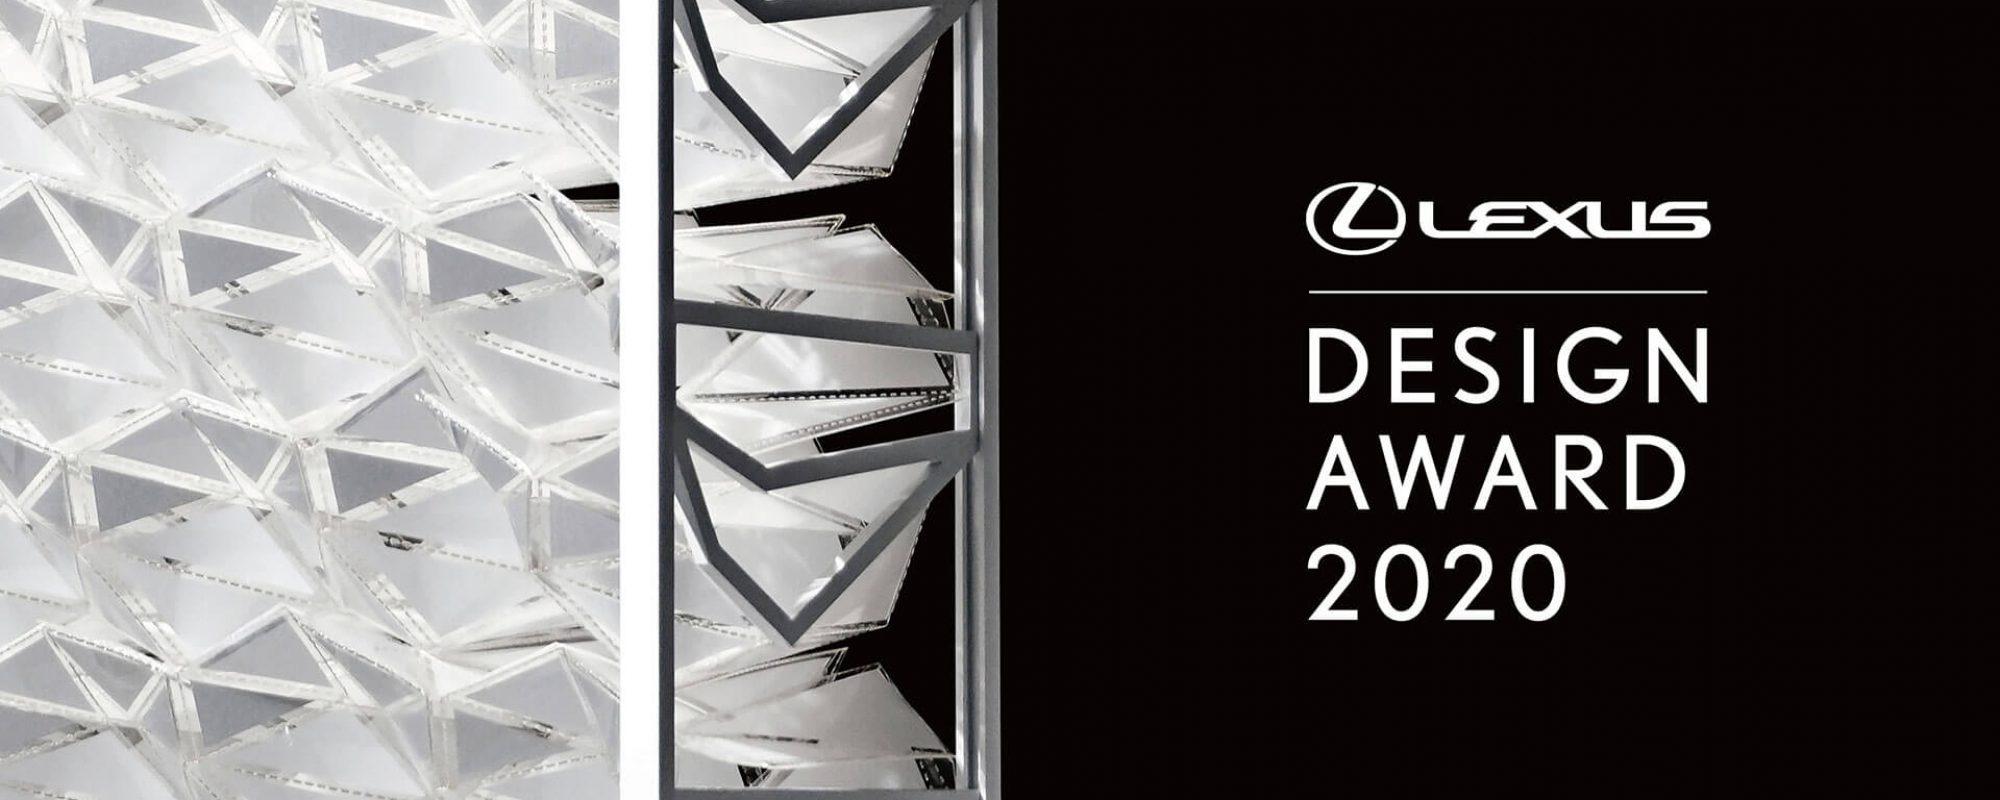 Lexus Design Award 2020: dit zijn de finalisten